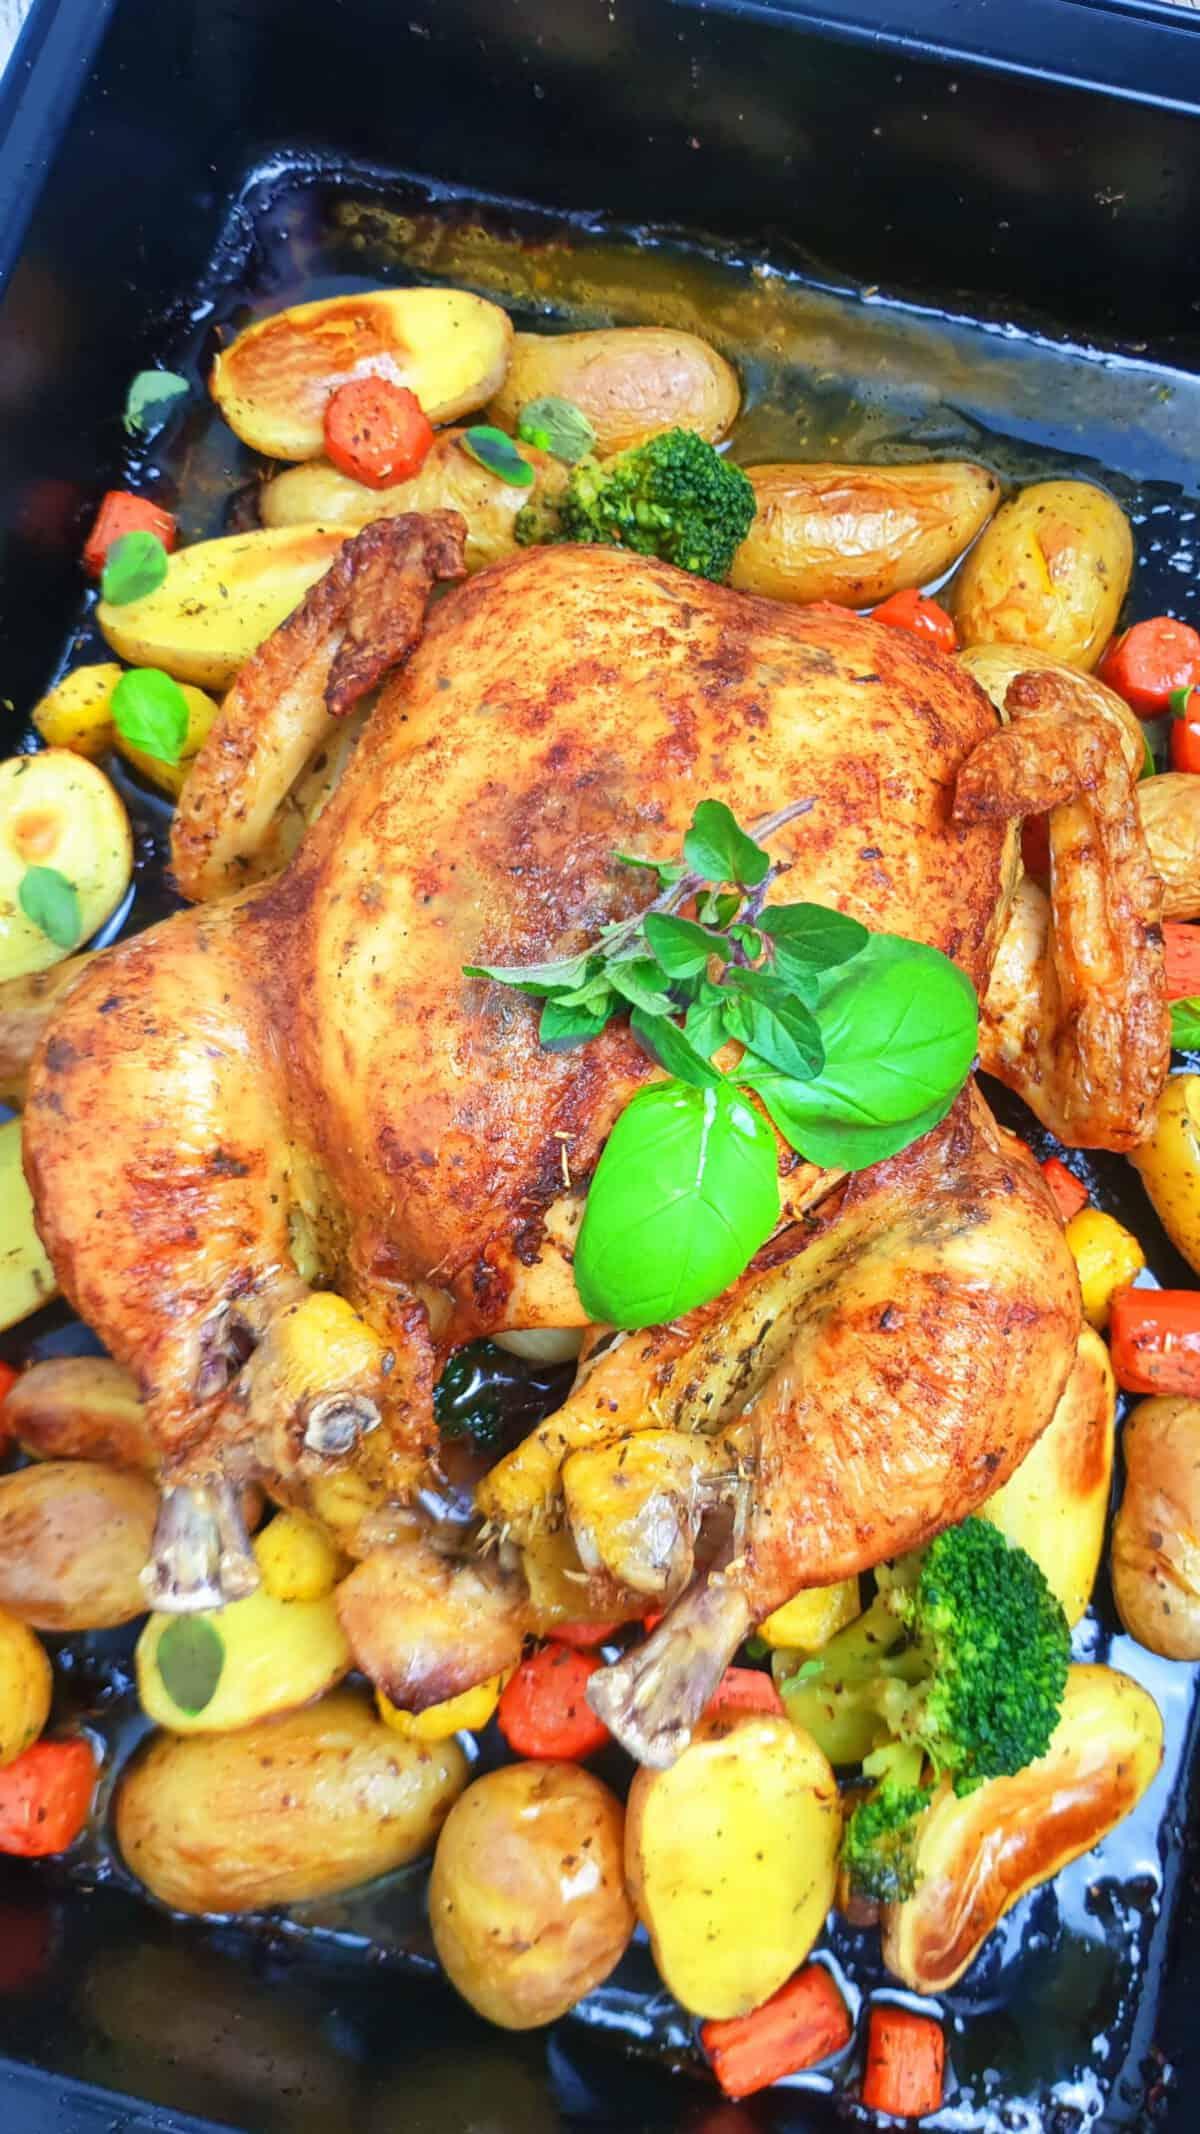 Ein ganzes Hähnchen / Poularde im Backofen gebacken mit Kartoffeln und Gemüse auf einem Backblech.